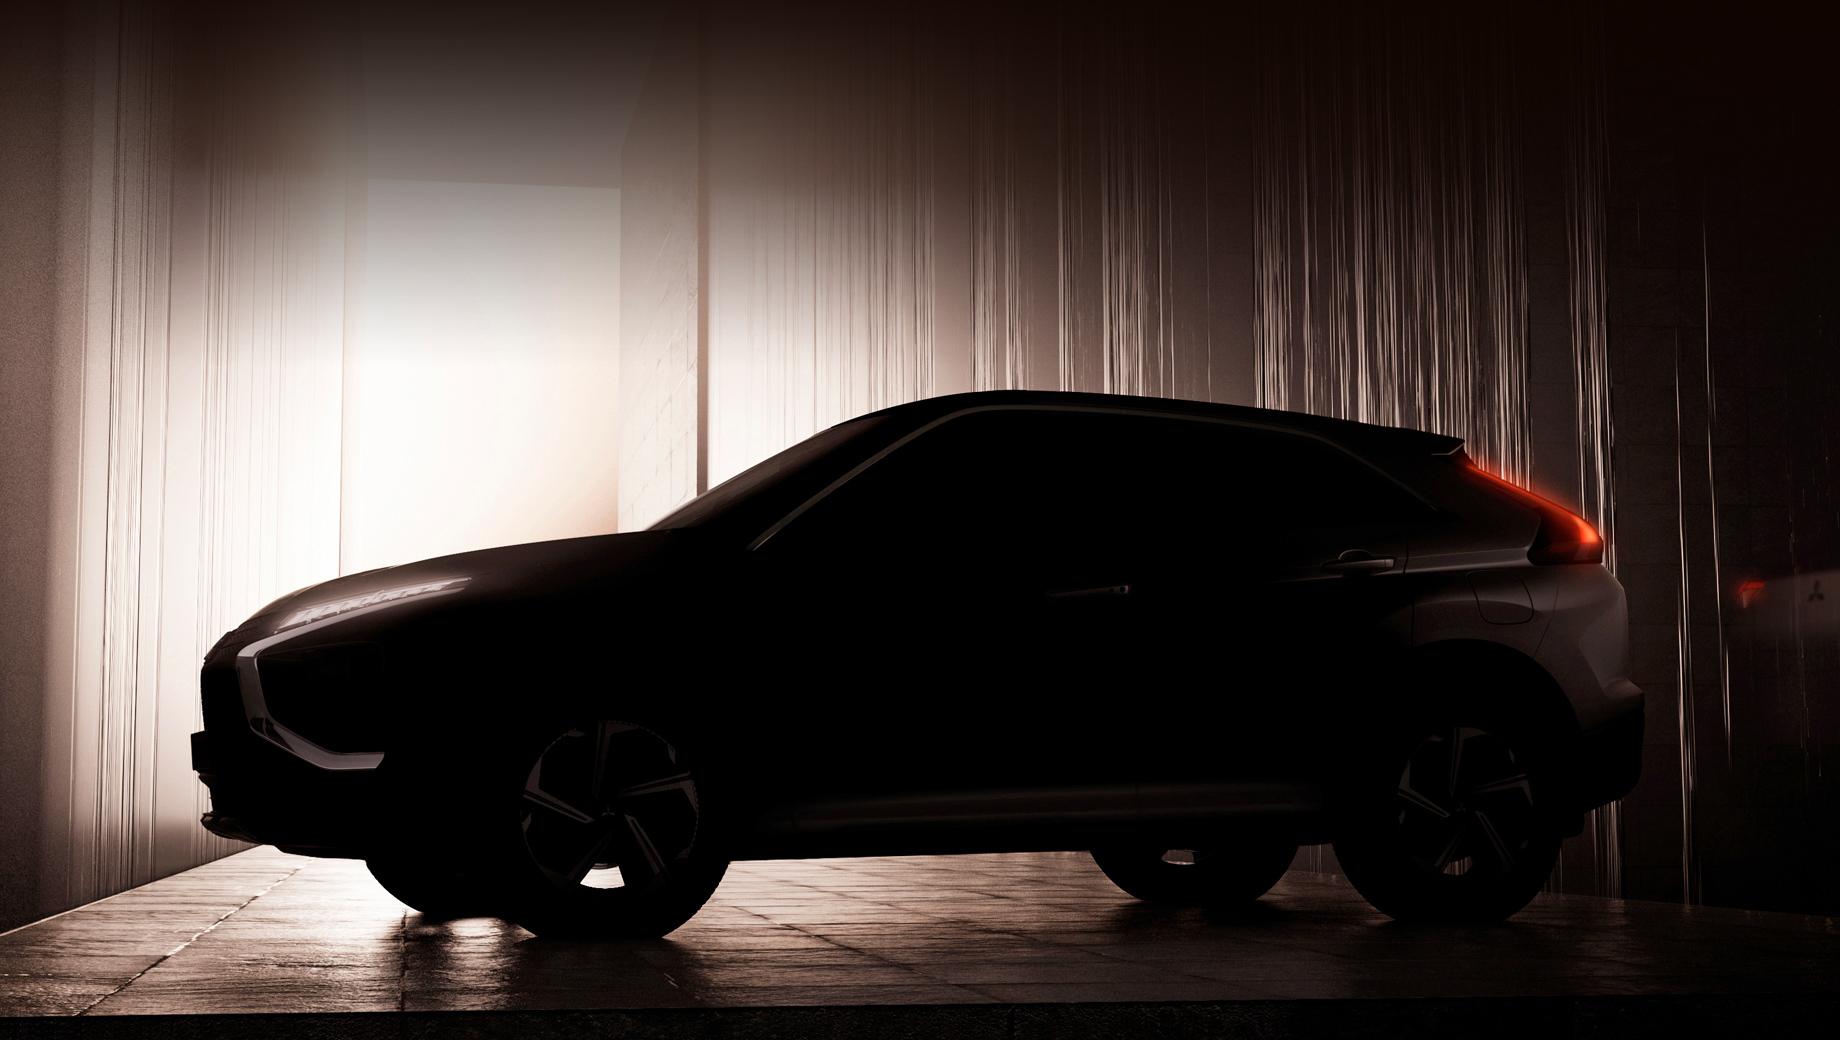 Mitsubishi eclipse cross. Концепты XR-PHEV (2013 год) и XR-PHEV II (2015), предвещавшими сам Eclipse Cross, были гибридами. Но в серию пошла машина с обычными силовыми установками.